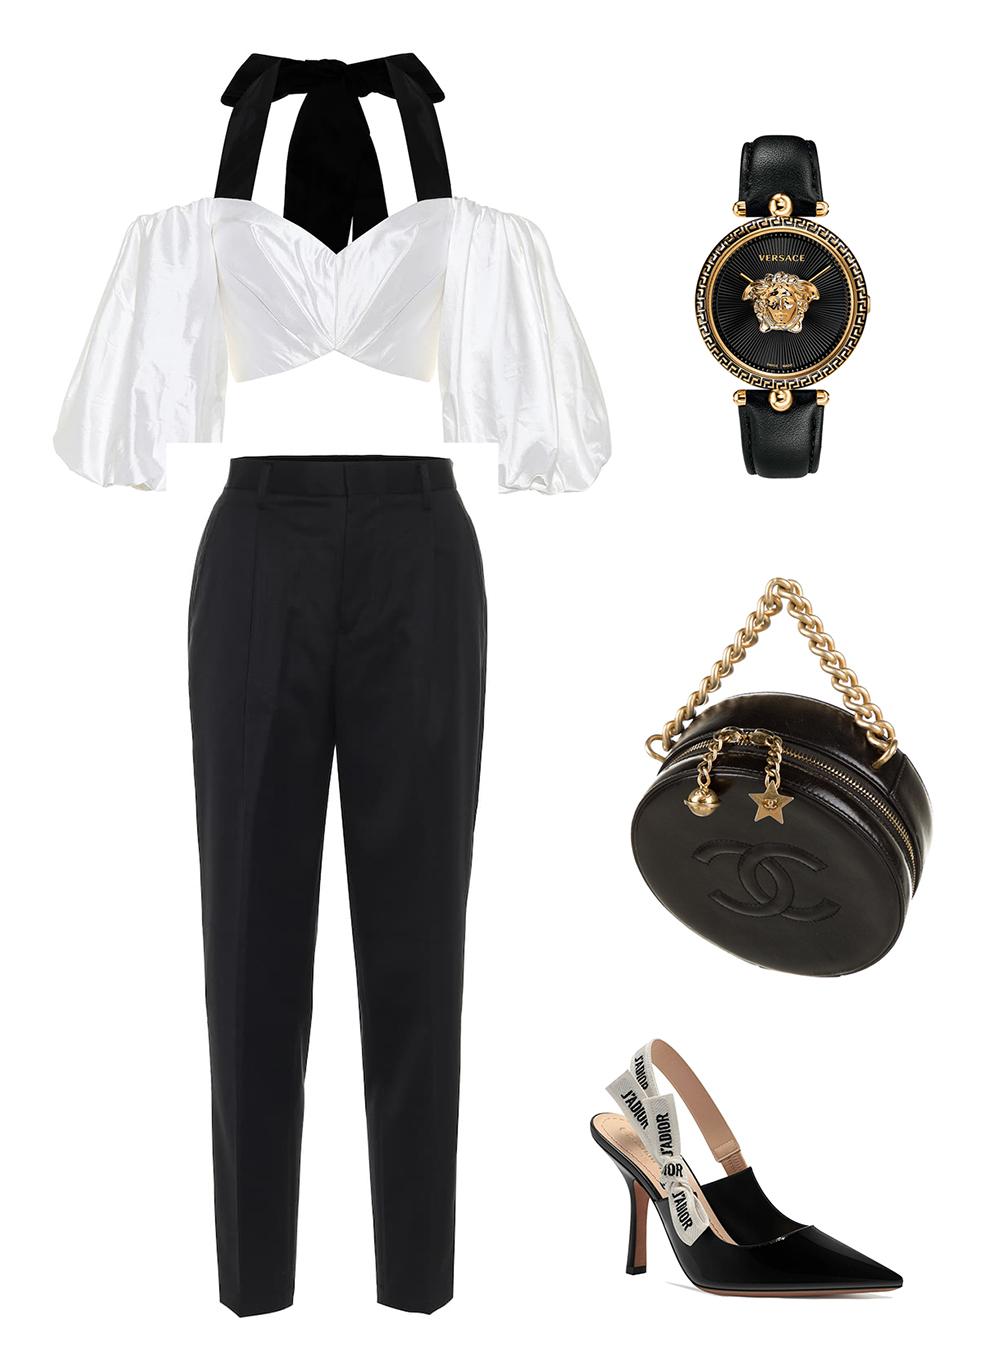 Mẫu crop top lụa trắng, phối dây buộc đen của Rasario mang phong cách thập niên 1980. Áo dễ phối với quần Noir Kei Ninomiya nhờ phần eo cao, tạo hiệu ứng giúp chân dài hơn. Set đồ trắng, đen nổi bật hơn khi kết hợp túi xách hình tròn Chanel (84 triệu đồng), giày cao gót Dior ( hơn 20 triệu đồng) và đồng hồ Versace ( gần 14 triệu đồng).